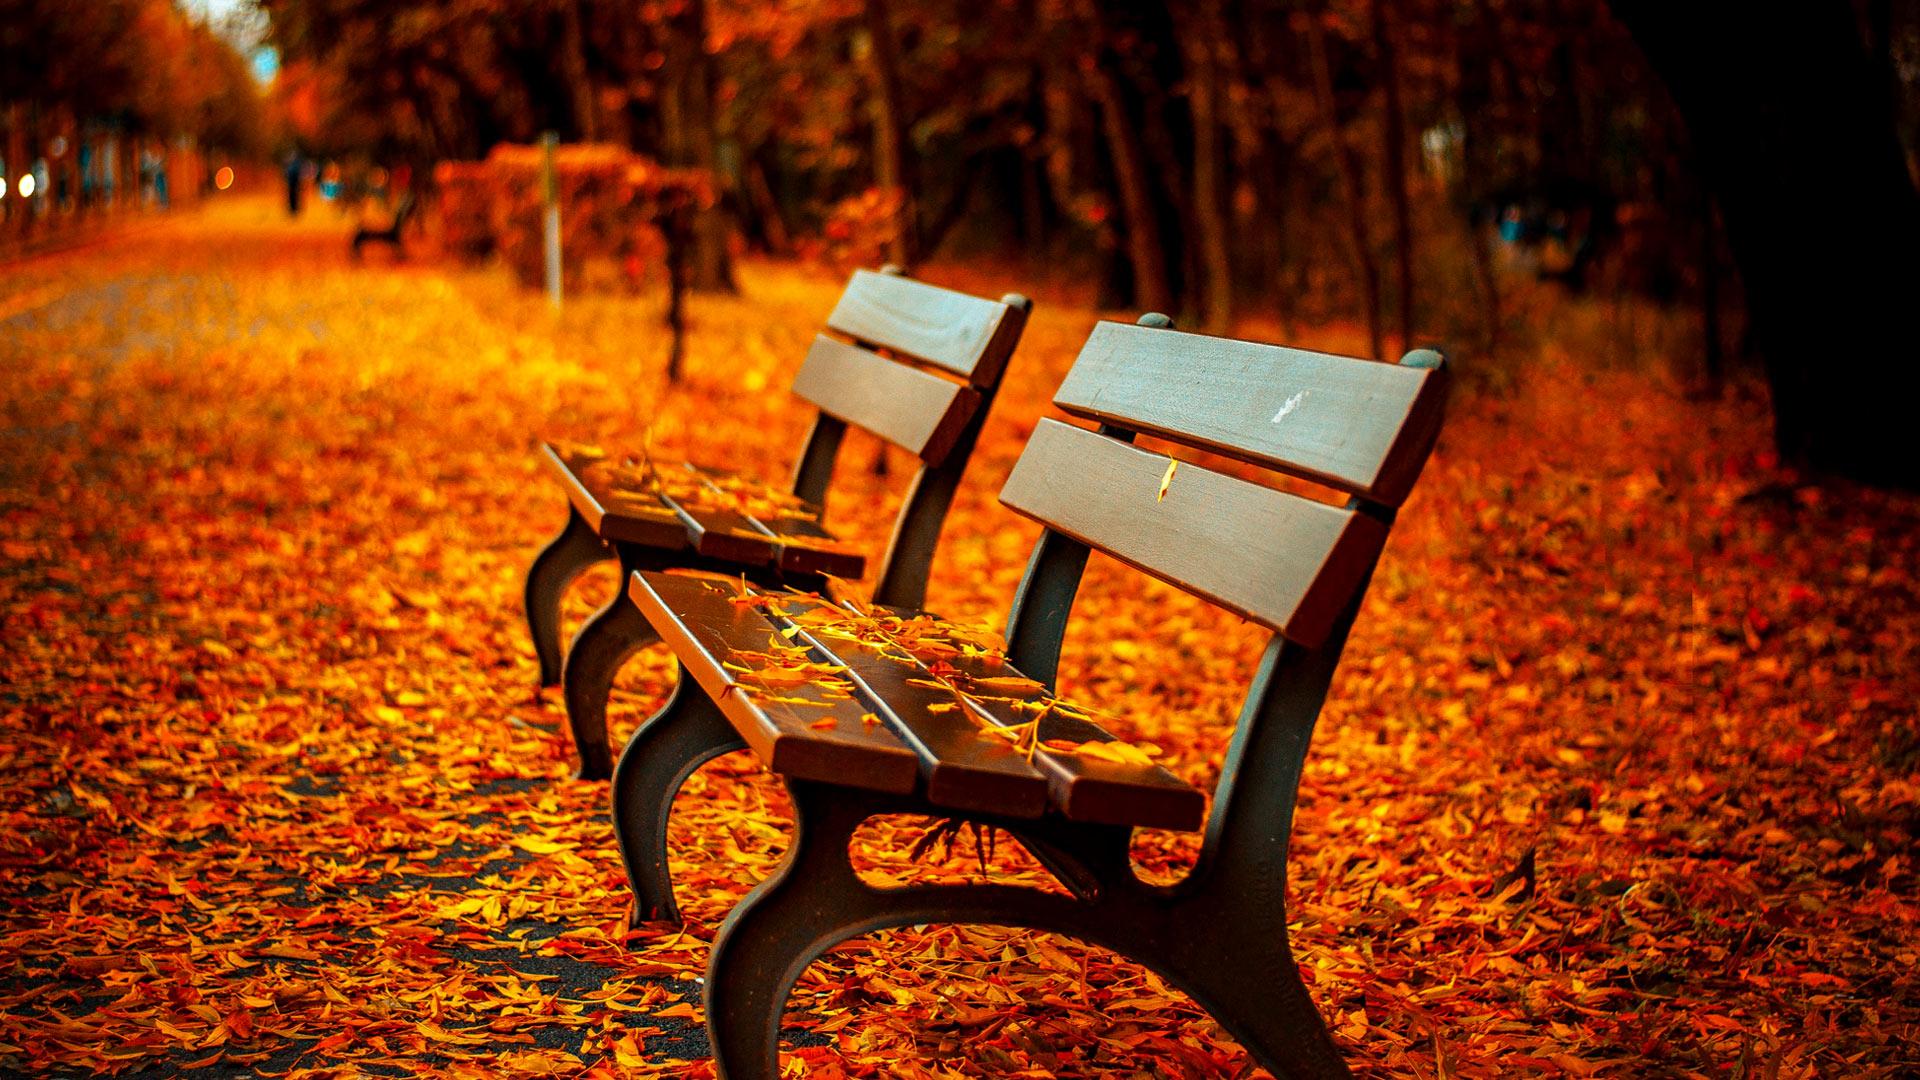 Free Desktop Wallpaper Scripture Fall Fall Scenery Wallpapers Free Download Pixelstalk Net